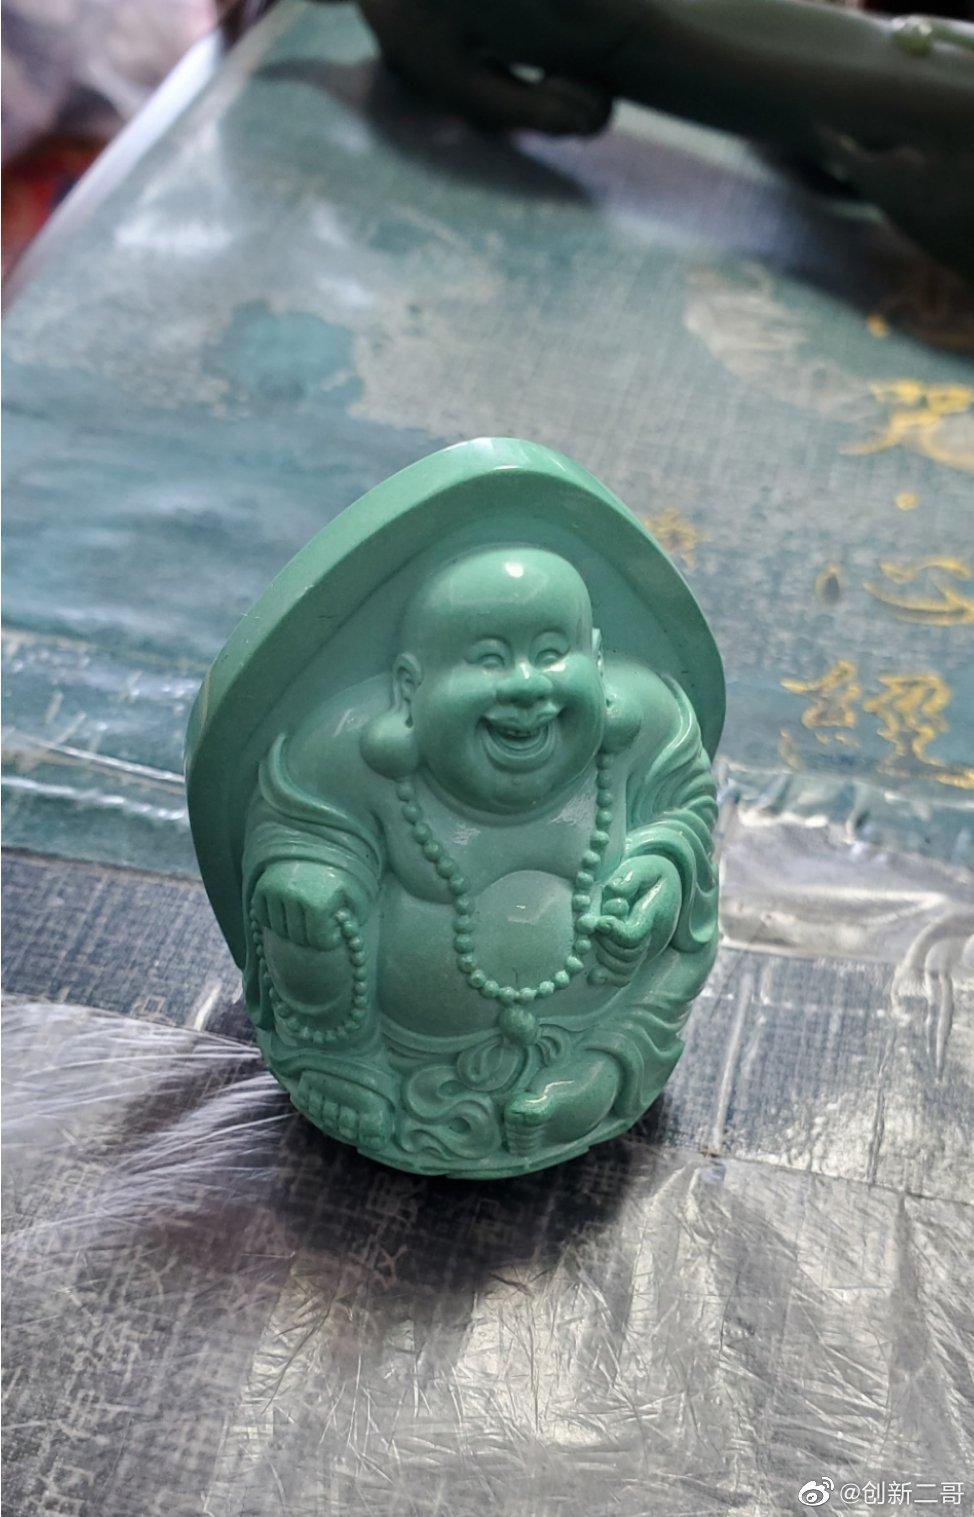 高瓷果冻料原矿绿松石弥勒佛,料子细腻,工憨态可掬